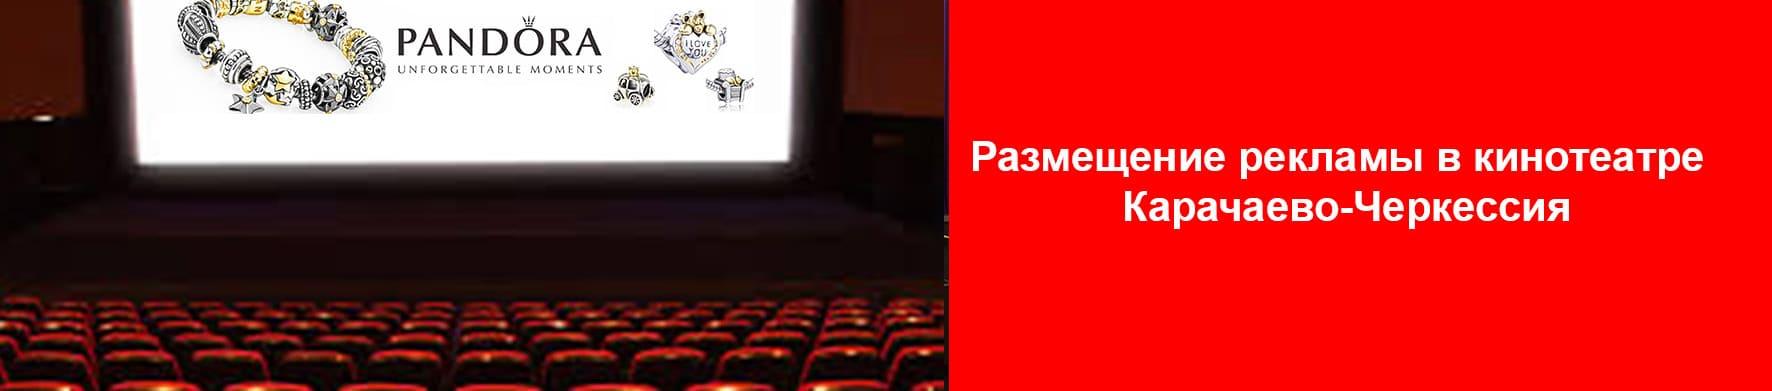 Реклама в кинотеатре Черкесск